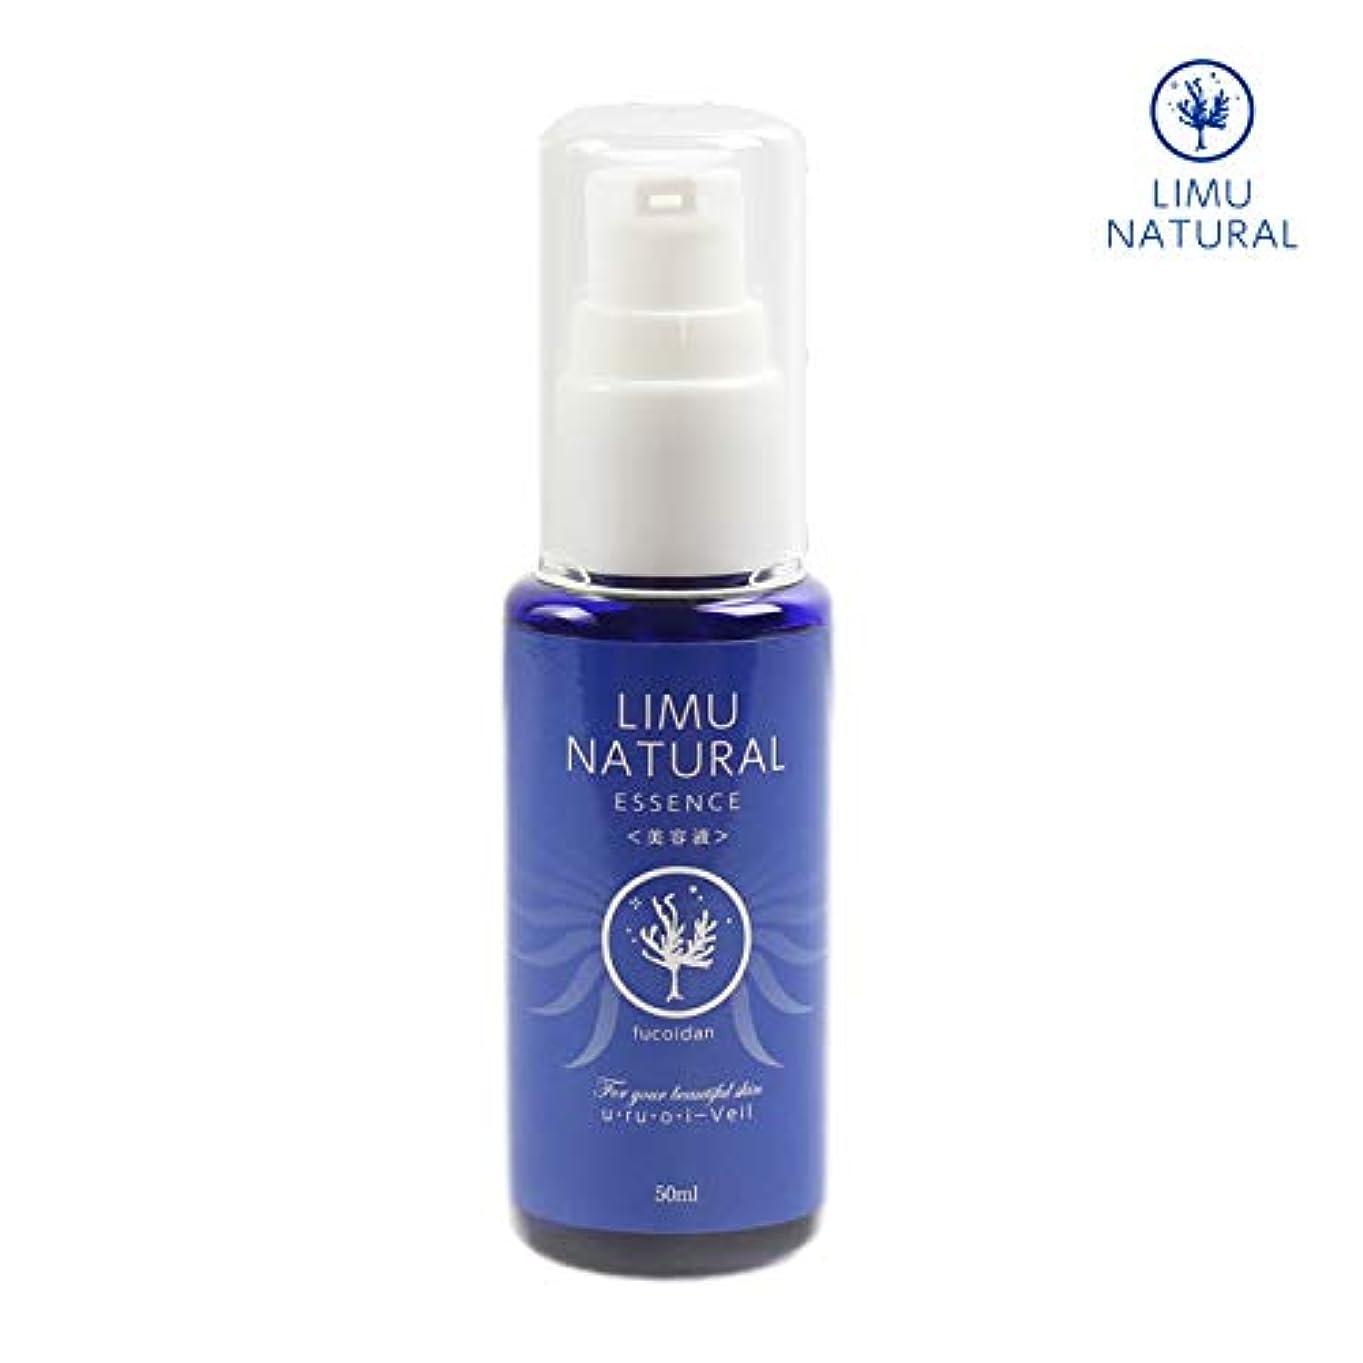 ペレグリネーション費やす食品リムナチュラル 高濃度美容液 LIMU NATURAL ESSENCE (50ml) 「美白&保湿」「フコイダン」+「グリセリルグルコシド」を贅沢に配合